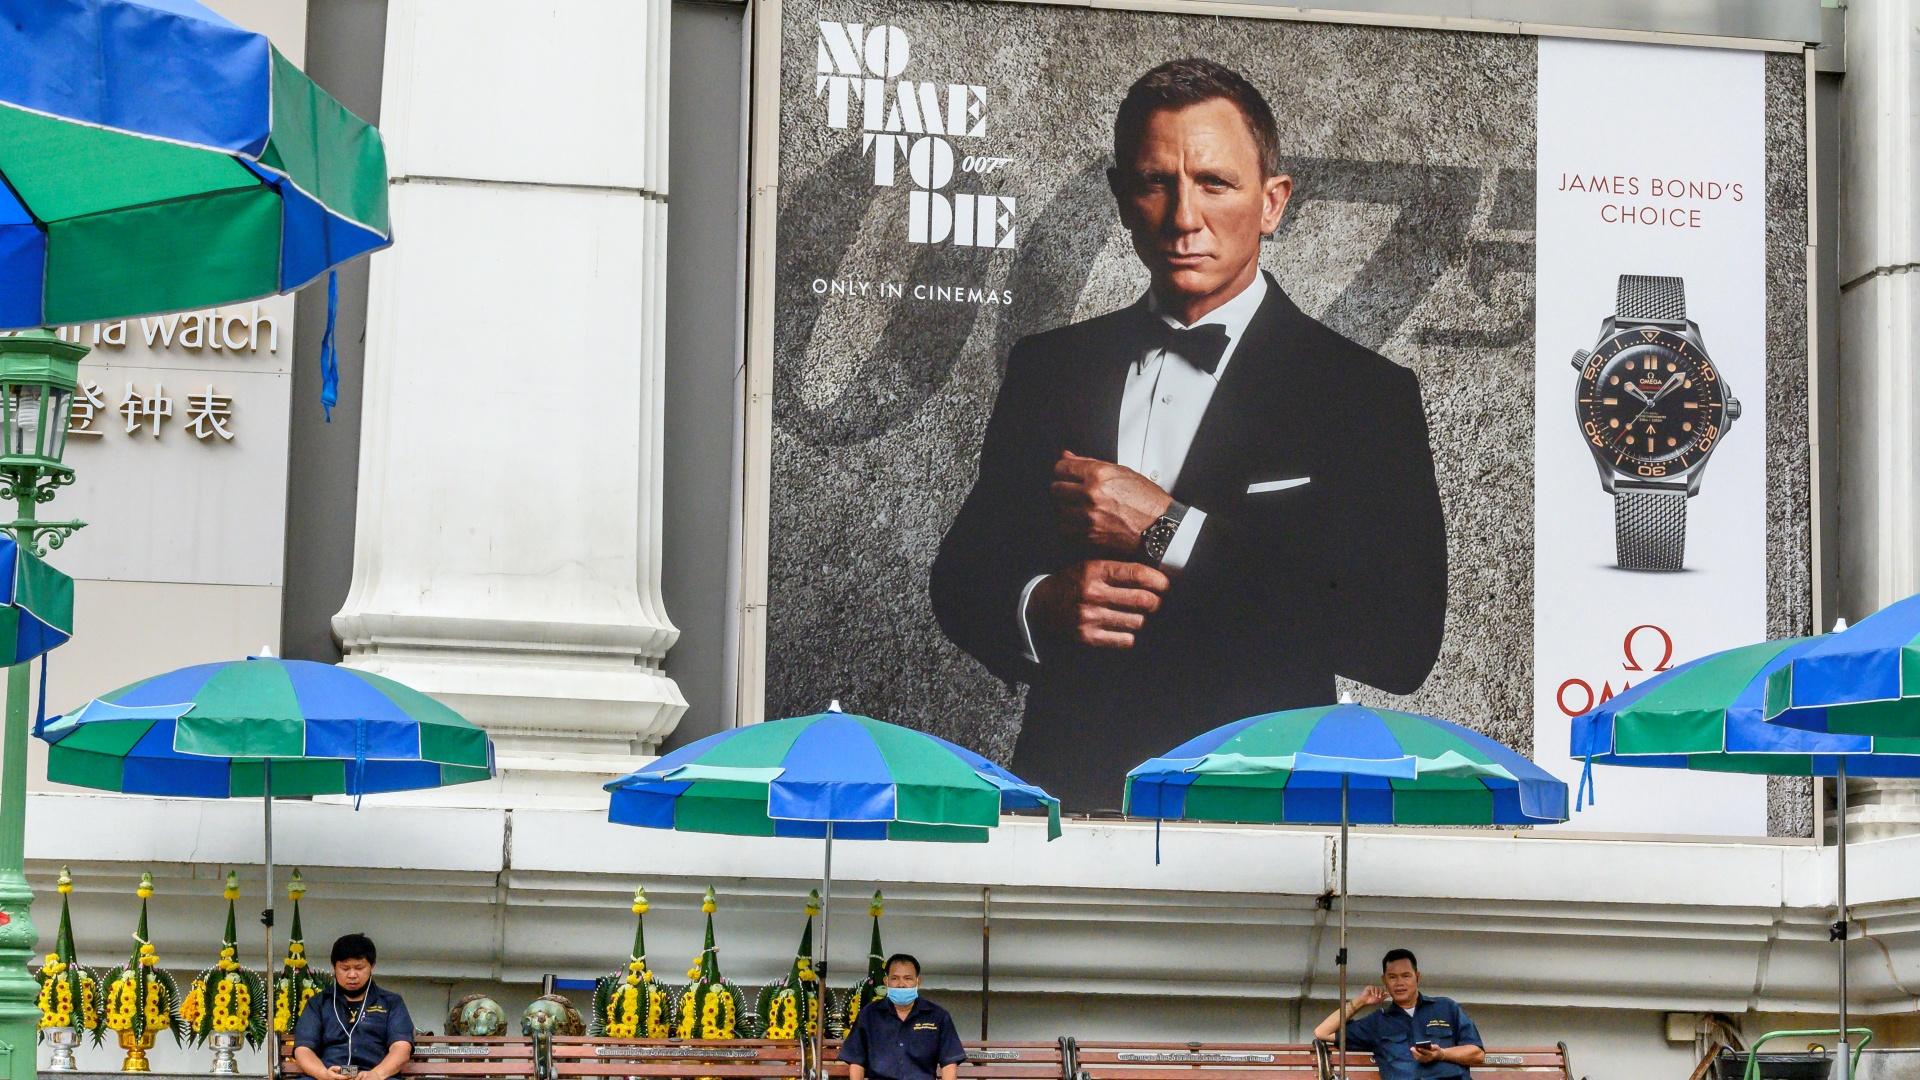 Az új James Bond-filmhez kapcsolódó reklámplakát Daniel Craiggel